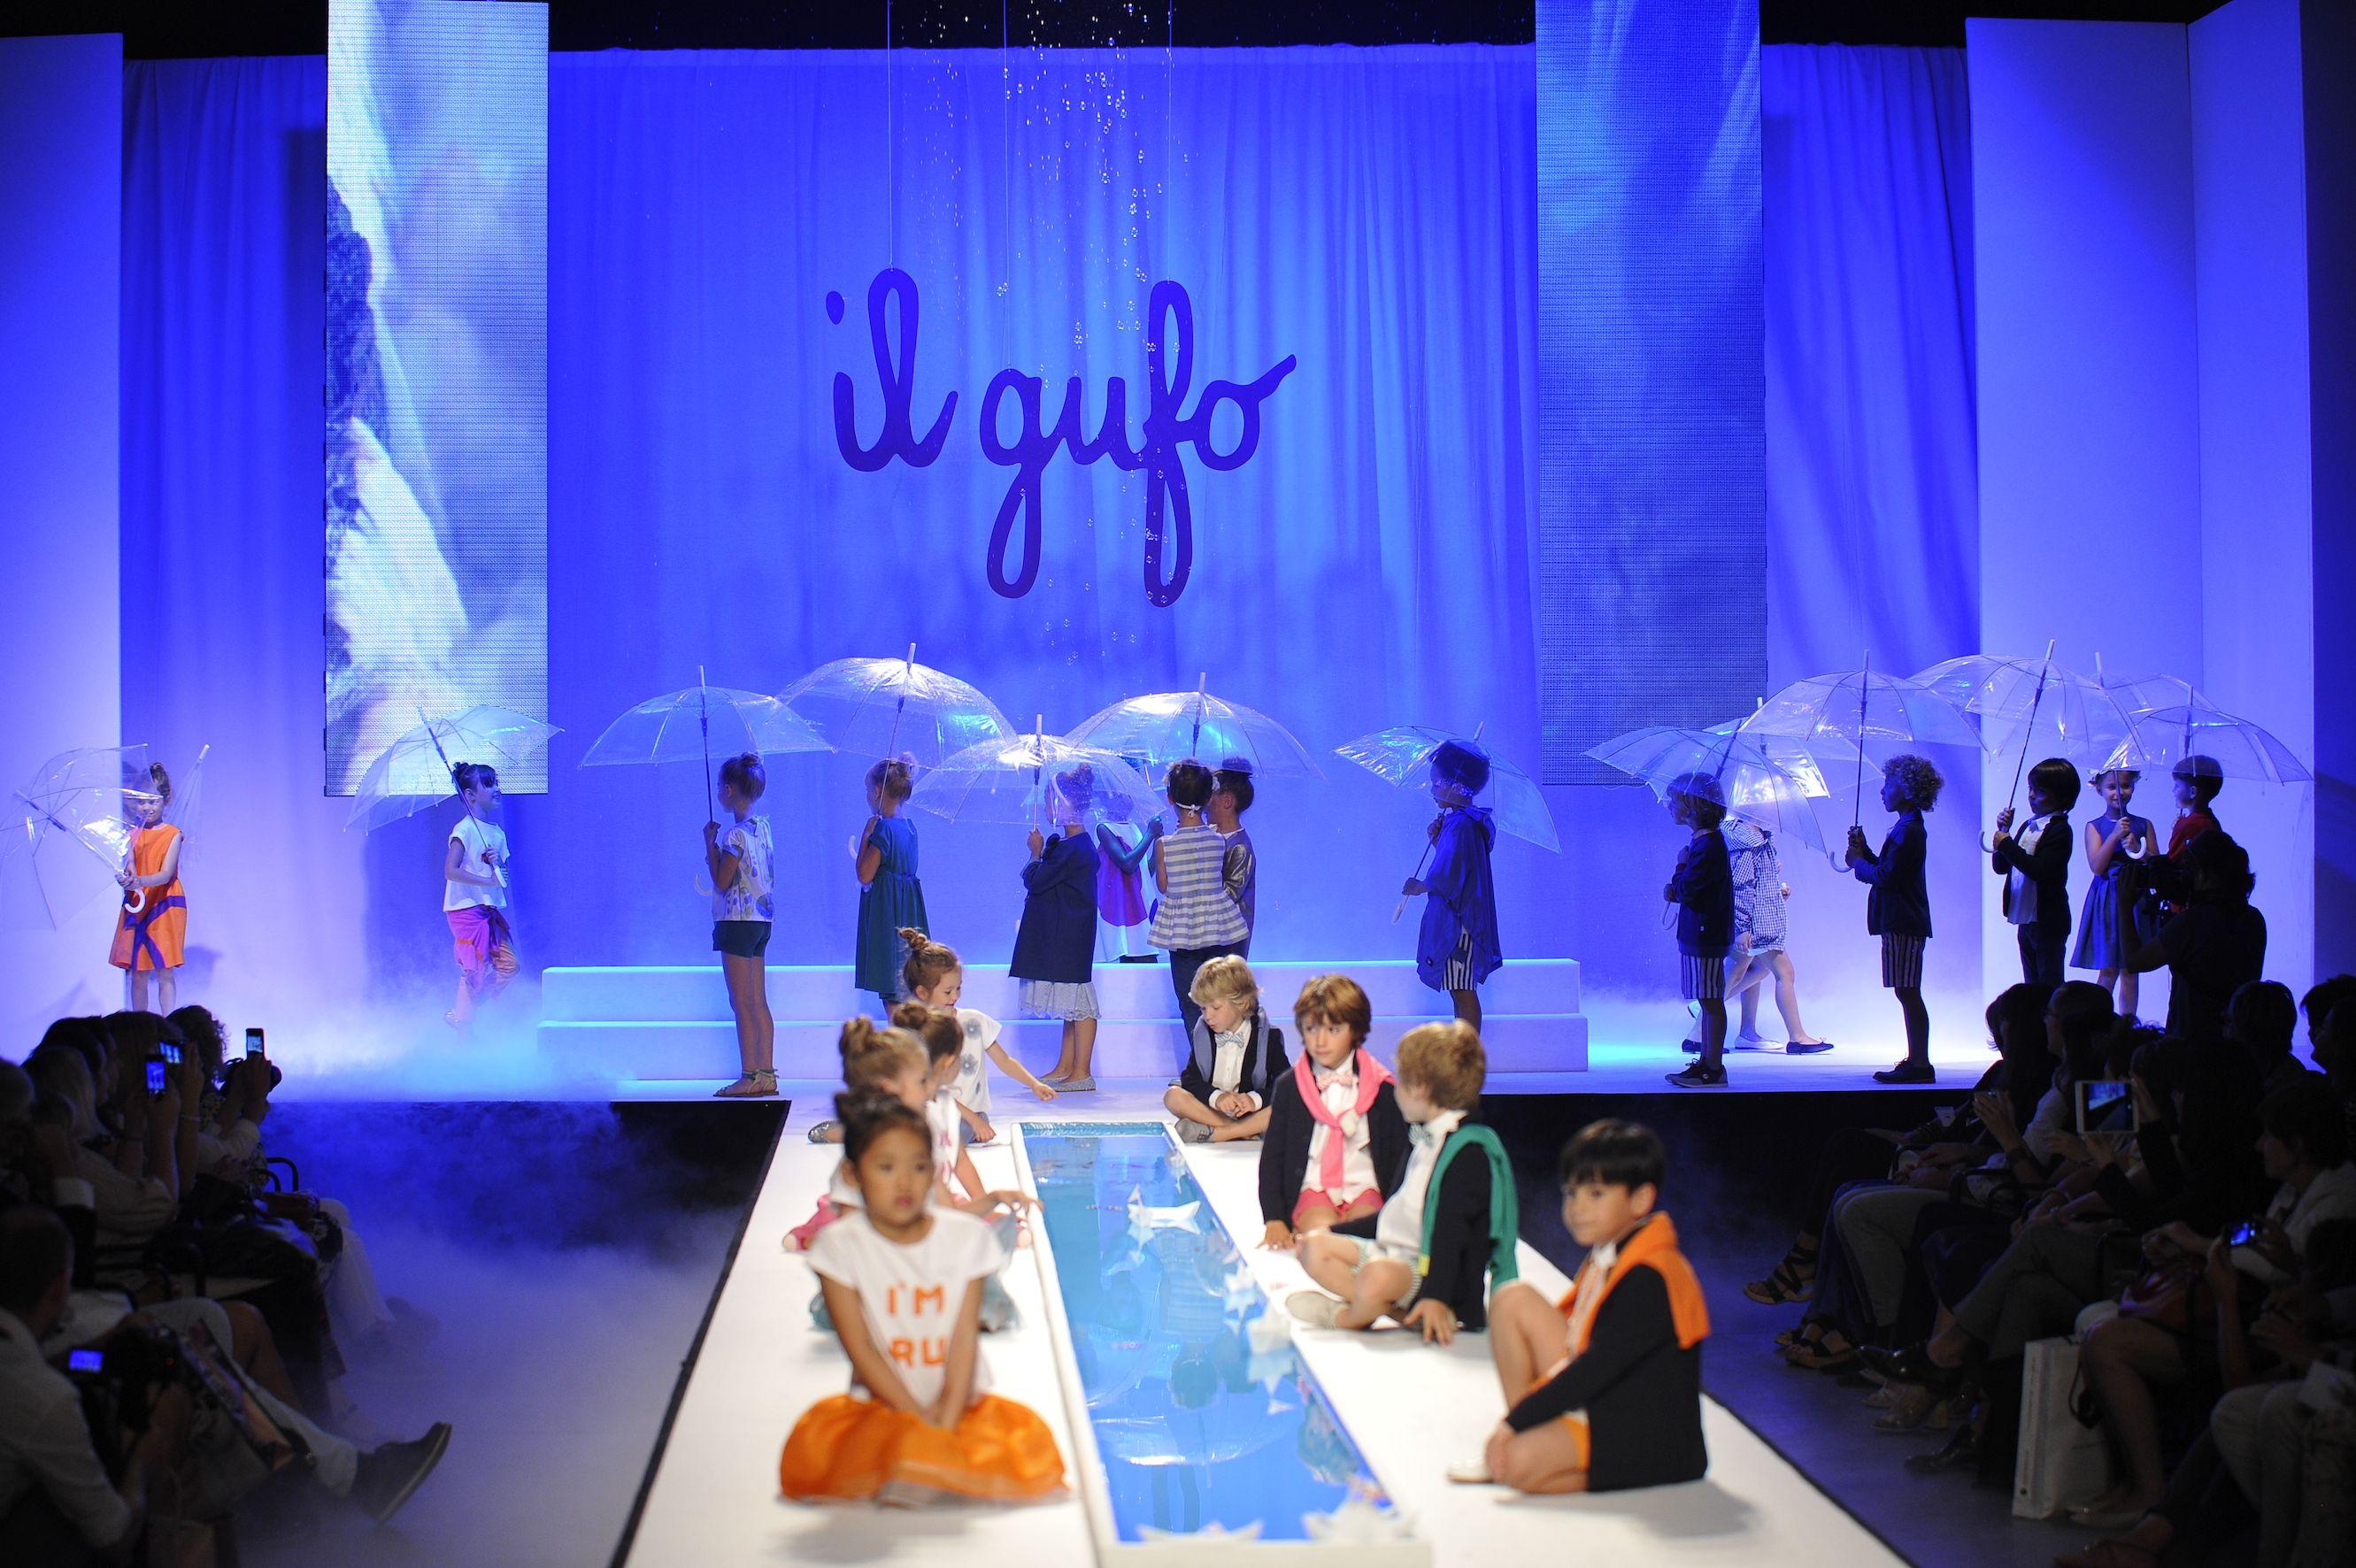 Il Gufo SS15 Fashion Show at Pitti Bimbo 79. #ilgufo #ss15 #fashionshow #fashion #kids #fashionkids #ootd #kidsootd #stylekids #kidstyle #inspiration #kidscollection #girlstyle #boystyle #pittibimbo #florence #italy